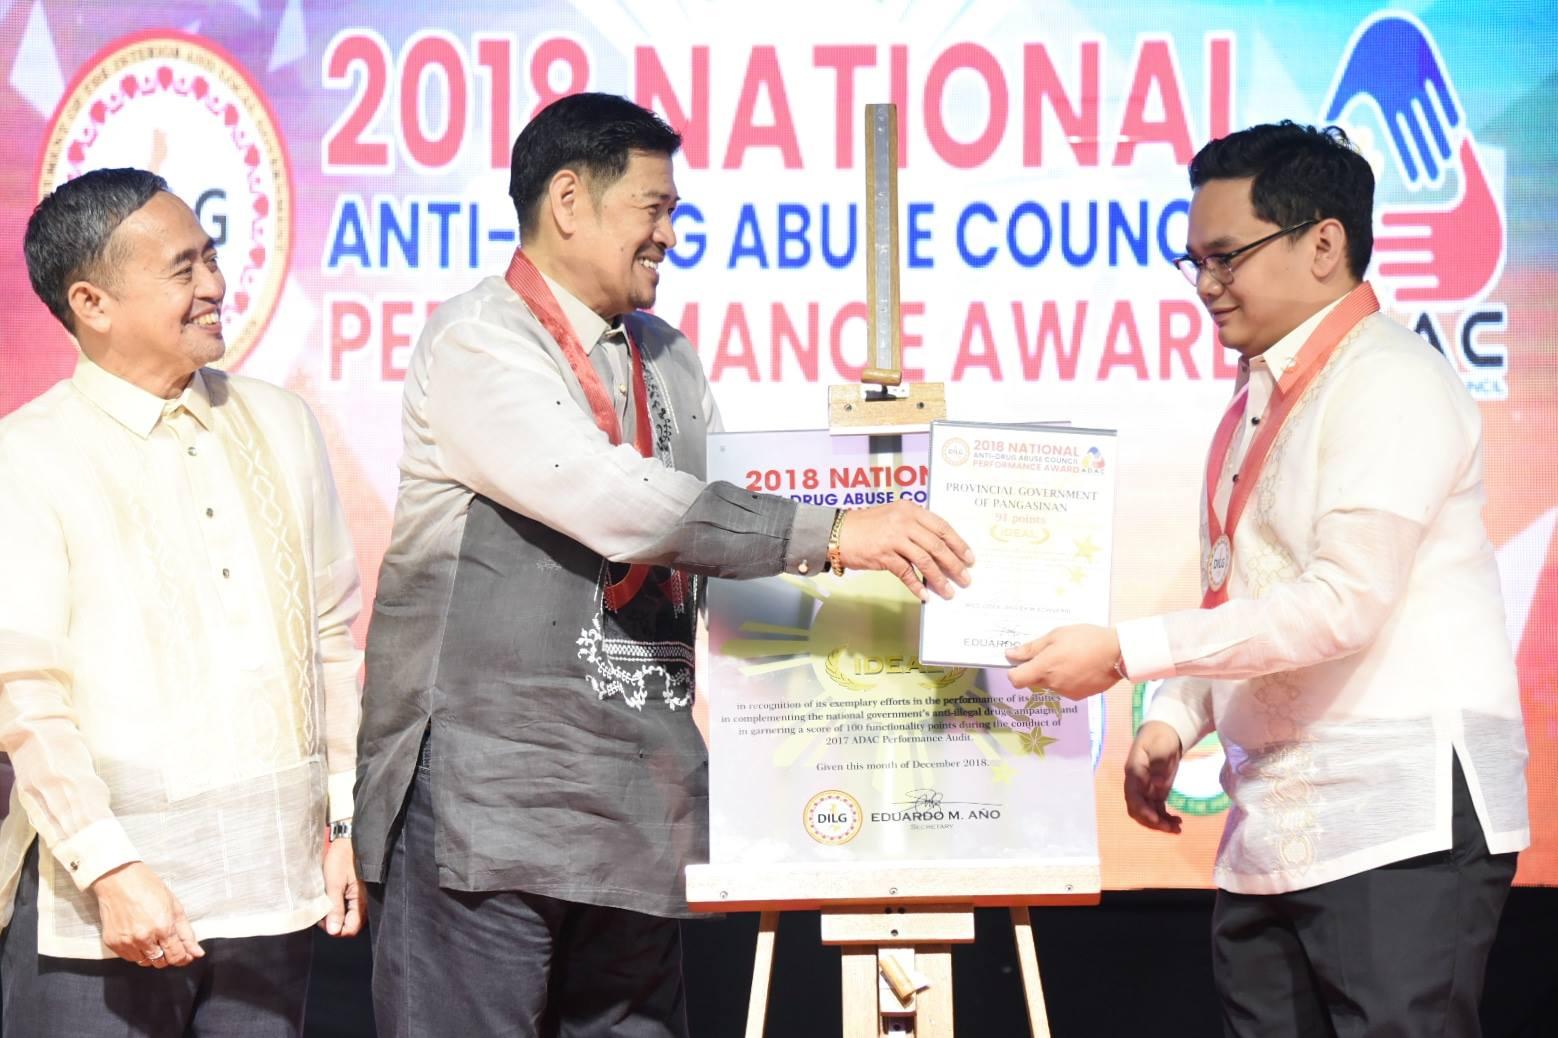 ADAC award